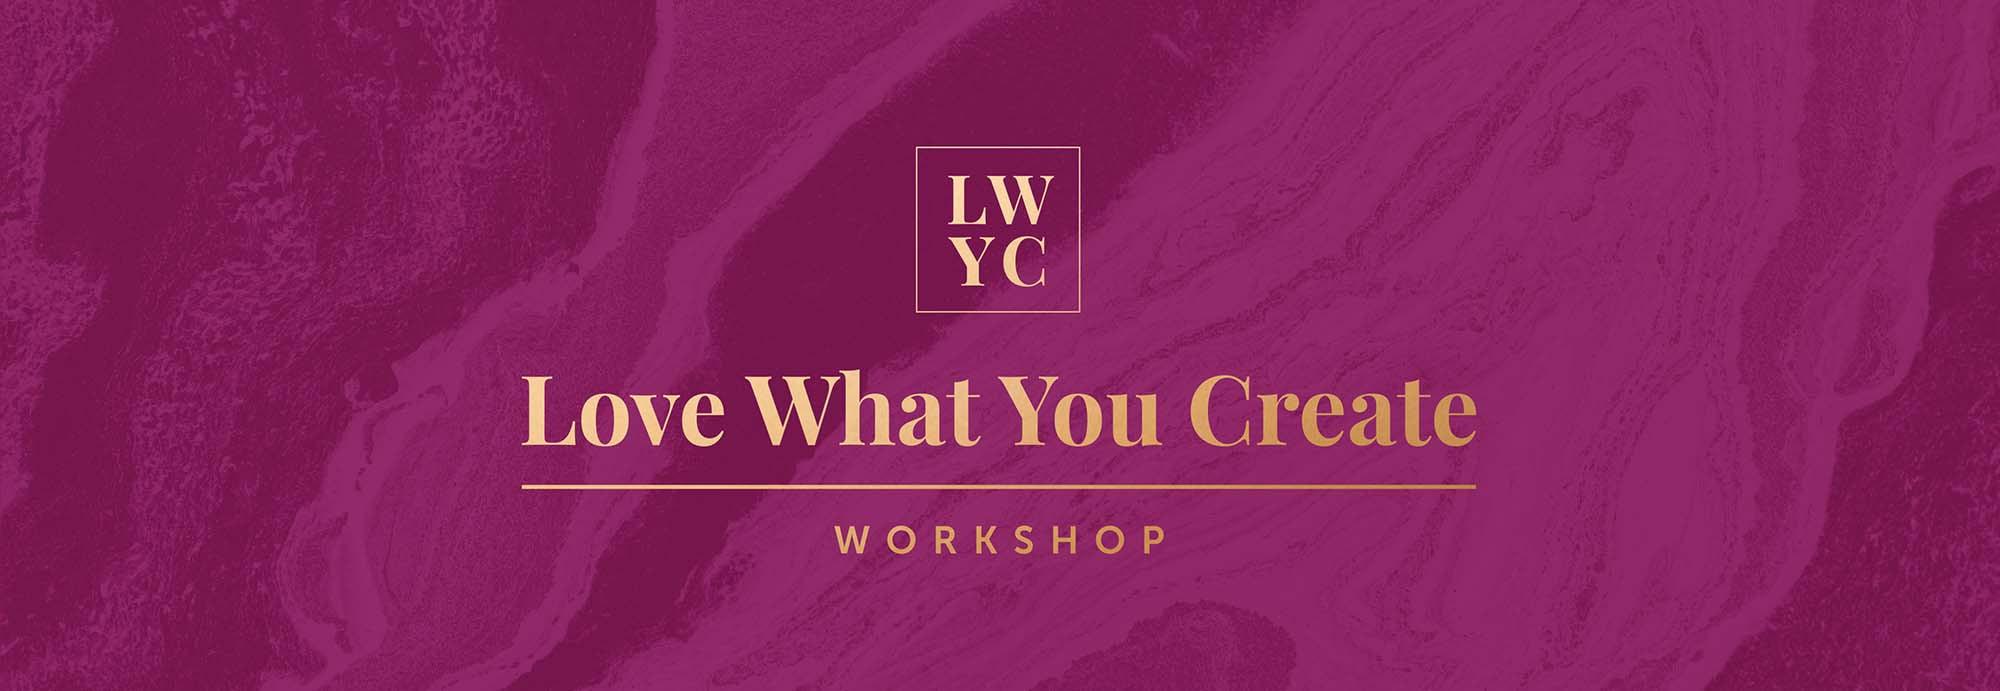 cassie-mendoza-jones-lwyc-workshop-banner